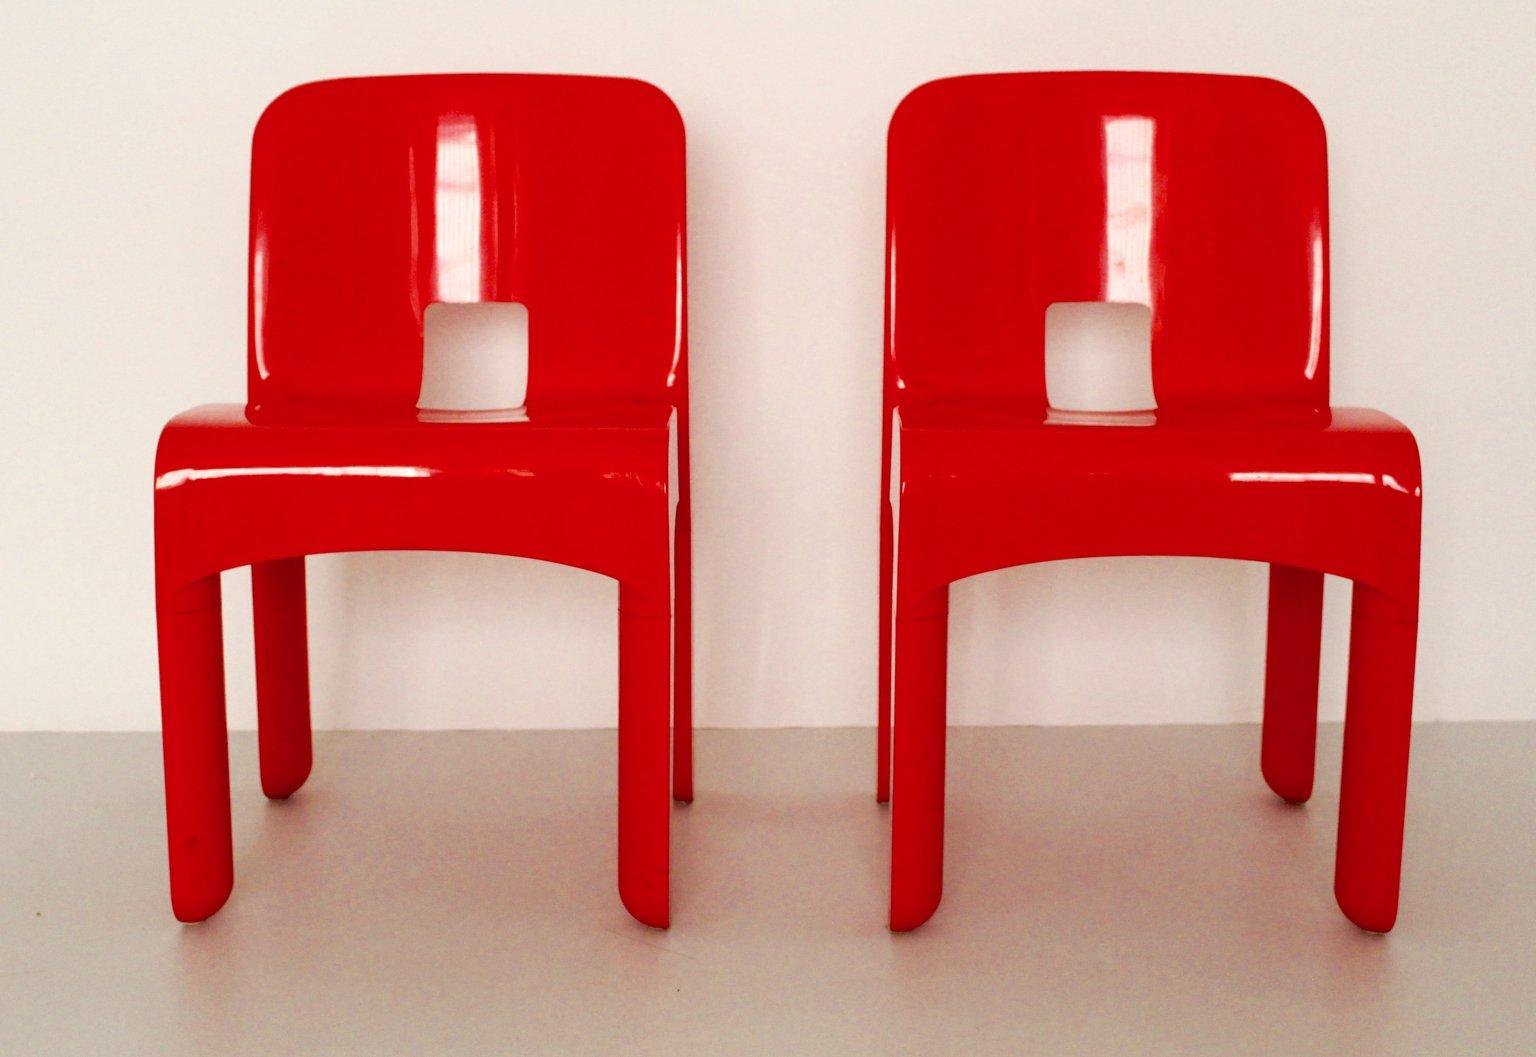 modell 4860 universale kunststoff st hle von joe colombo f r kartell 1960er 2er set bei pamono. Black Bedroom Furniture Sets. Home Design Ideas